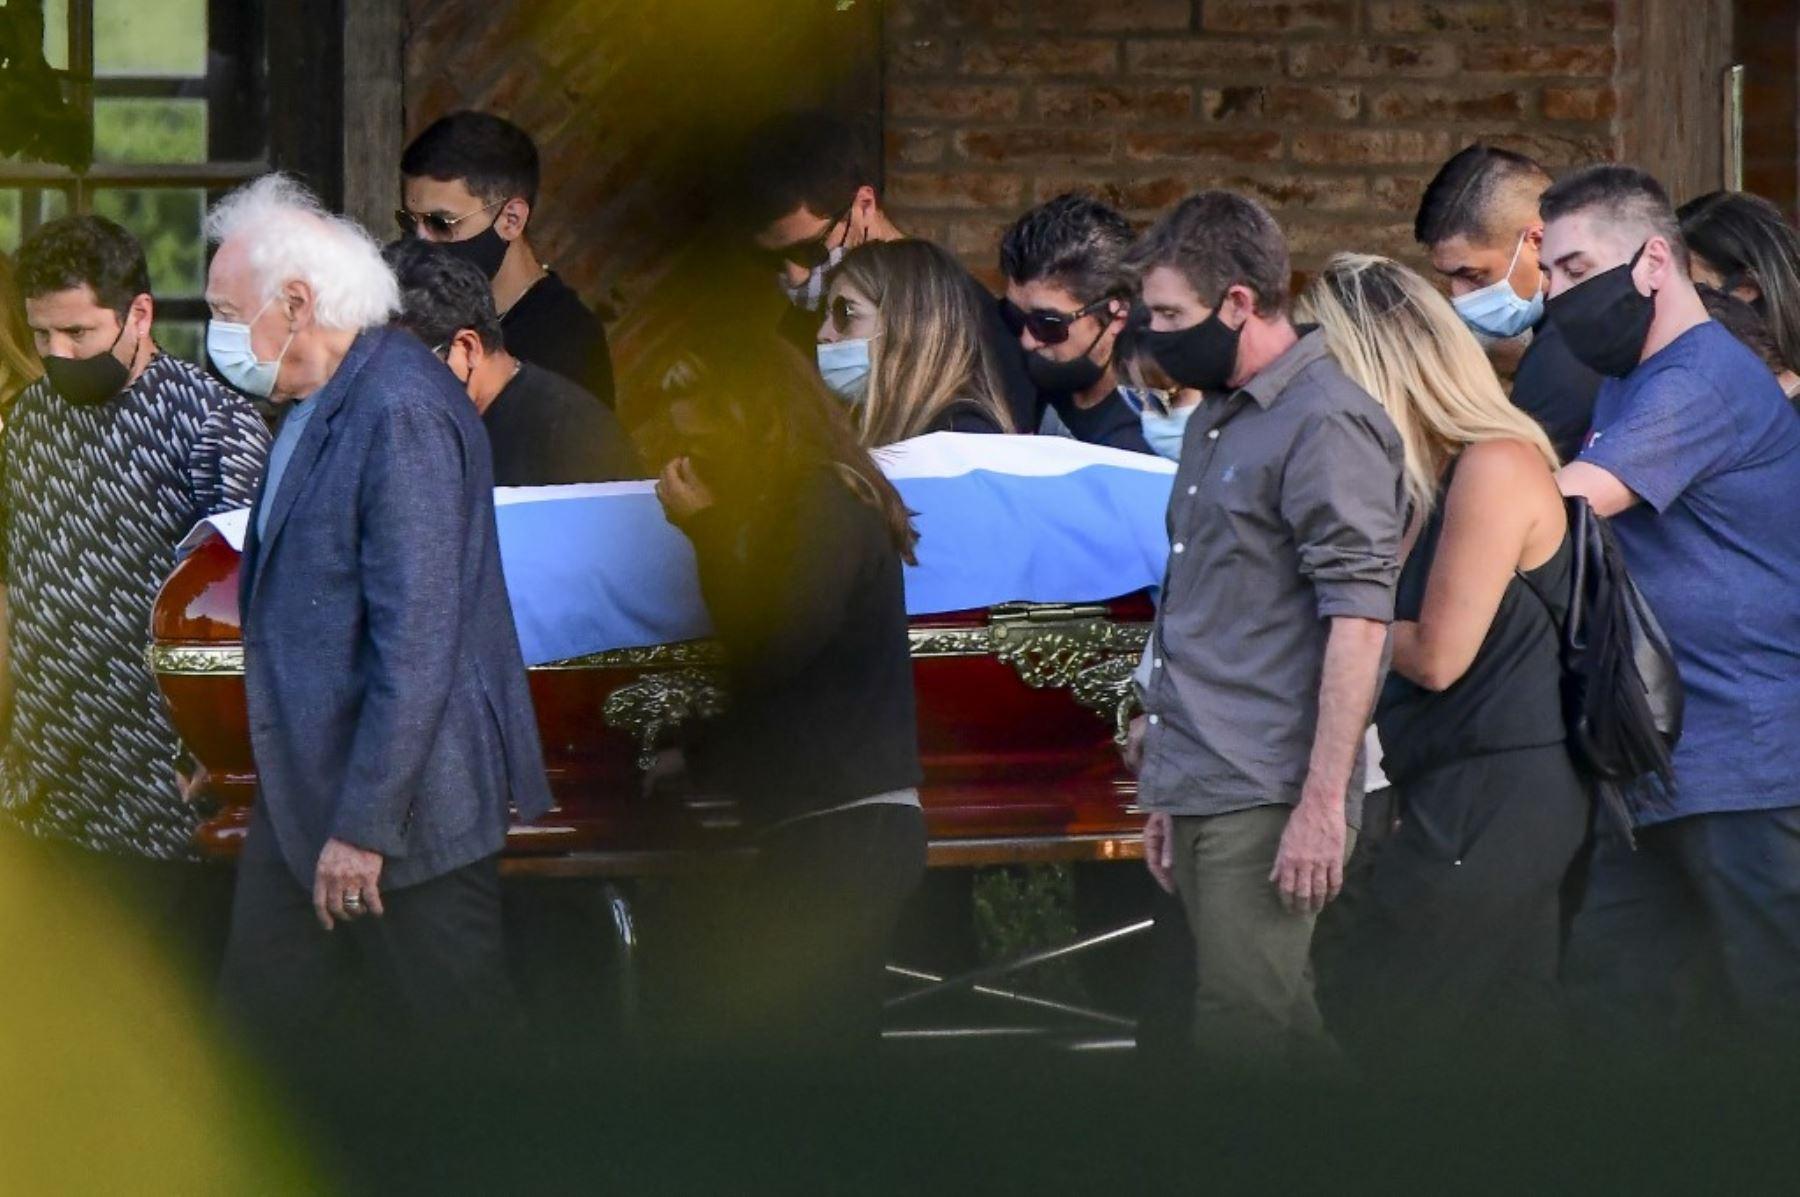 Familiares y amigos llevan el ataúd del fallecido leyenda del fútbol argentino Diego Armando Maradona durante su funeral en el cementerio Jardín Bella Vista, en la provincia de Buenos Aires. Foto: AFP